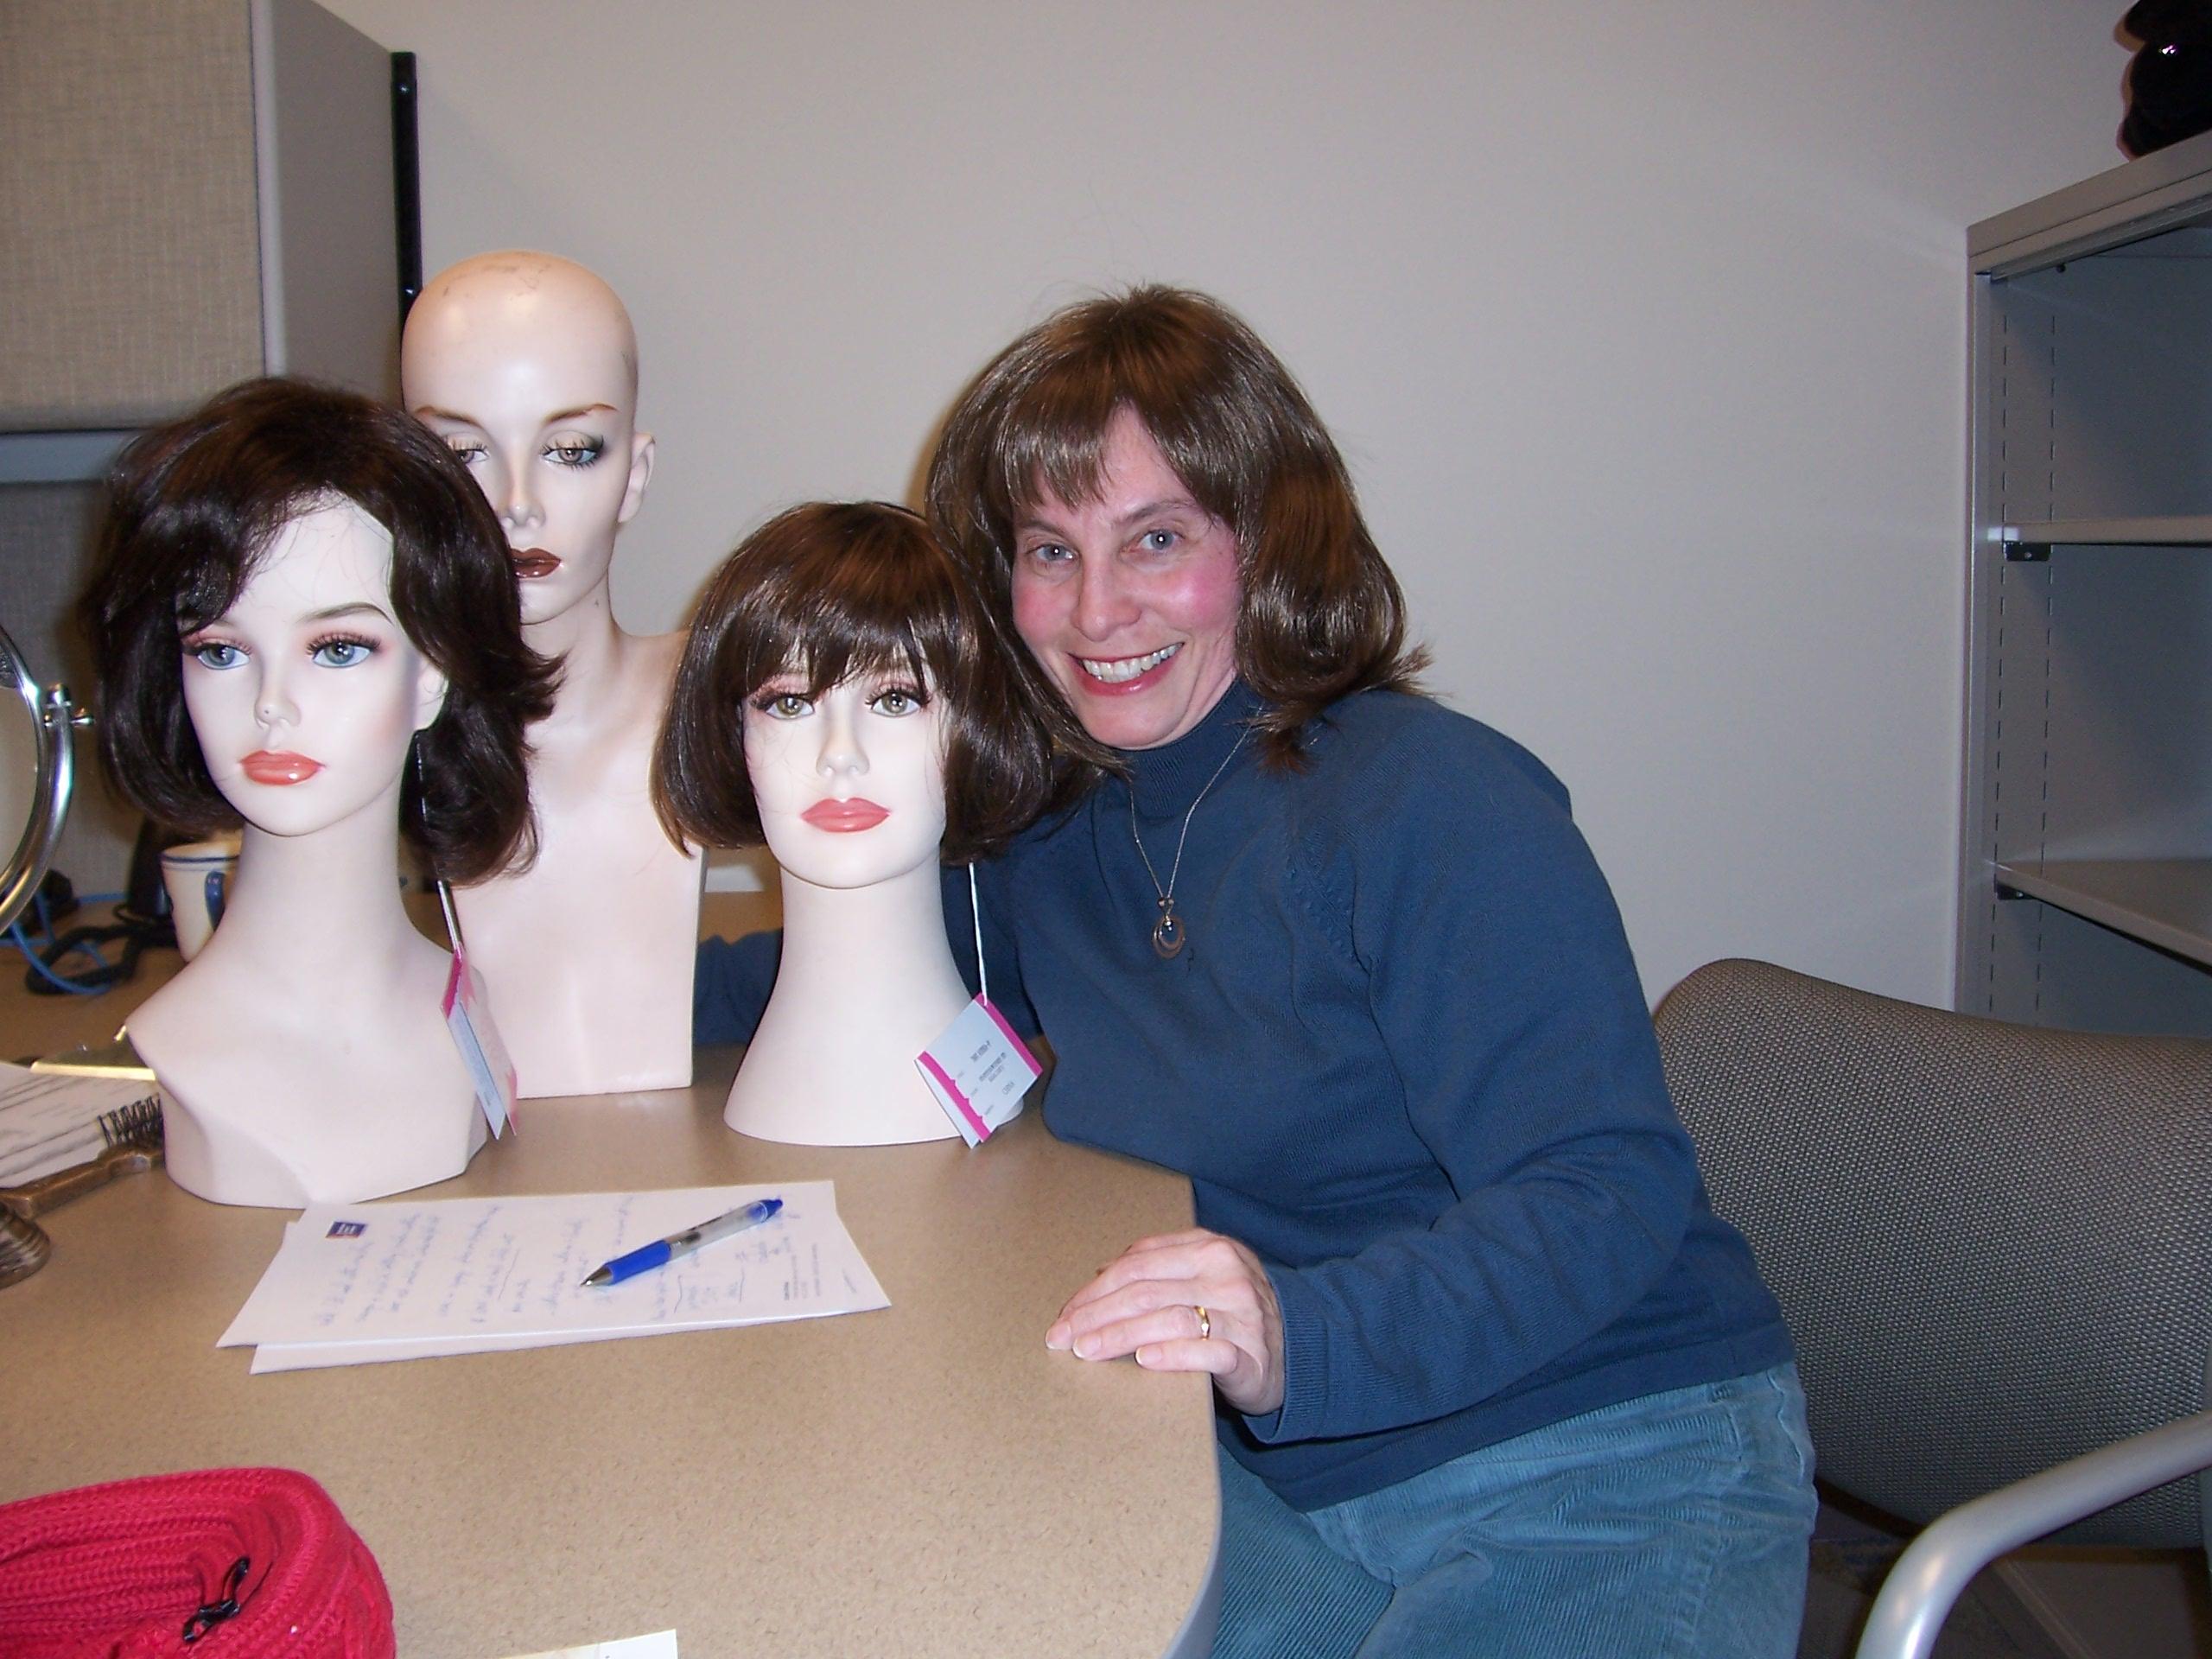 ccd3078ecb7 Wigs | Breast Cancer Freebies